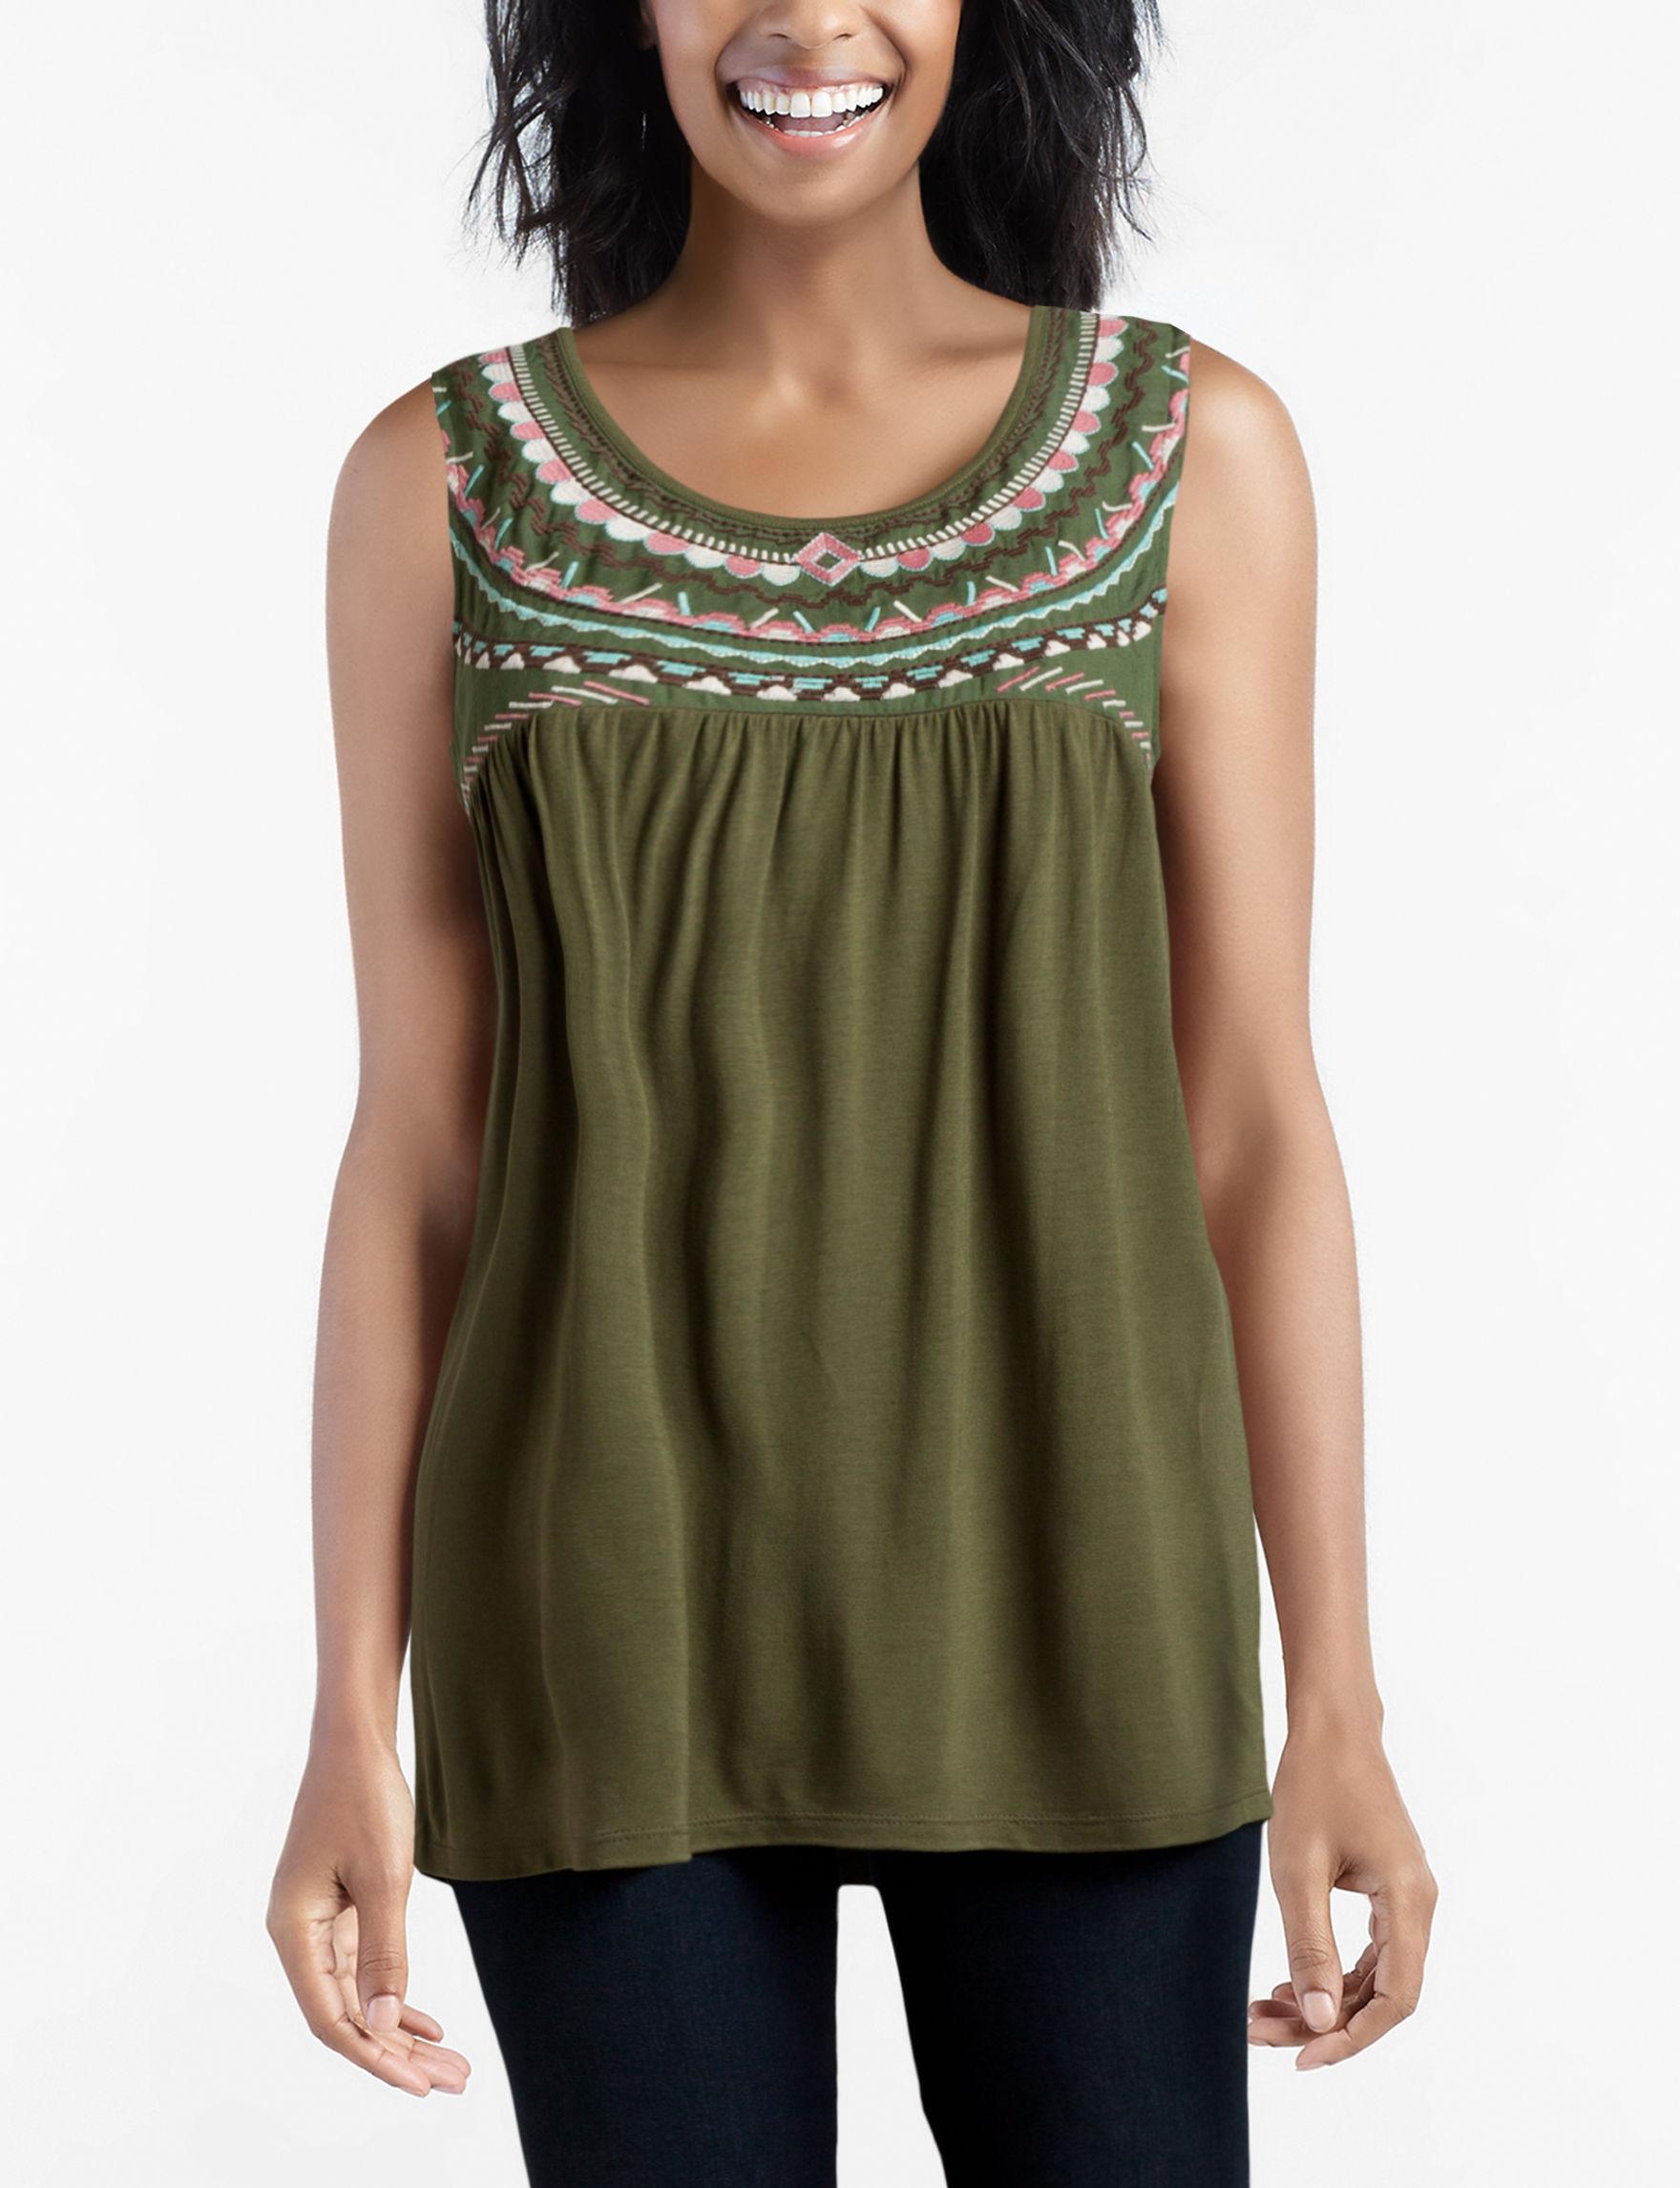 Hannah Green Shirts & Blouses